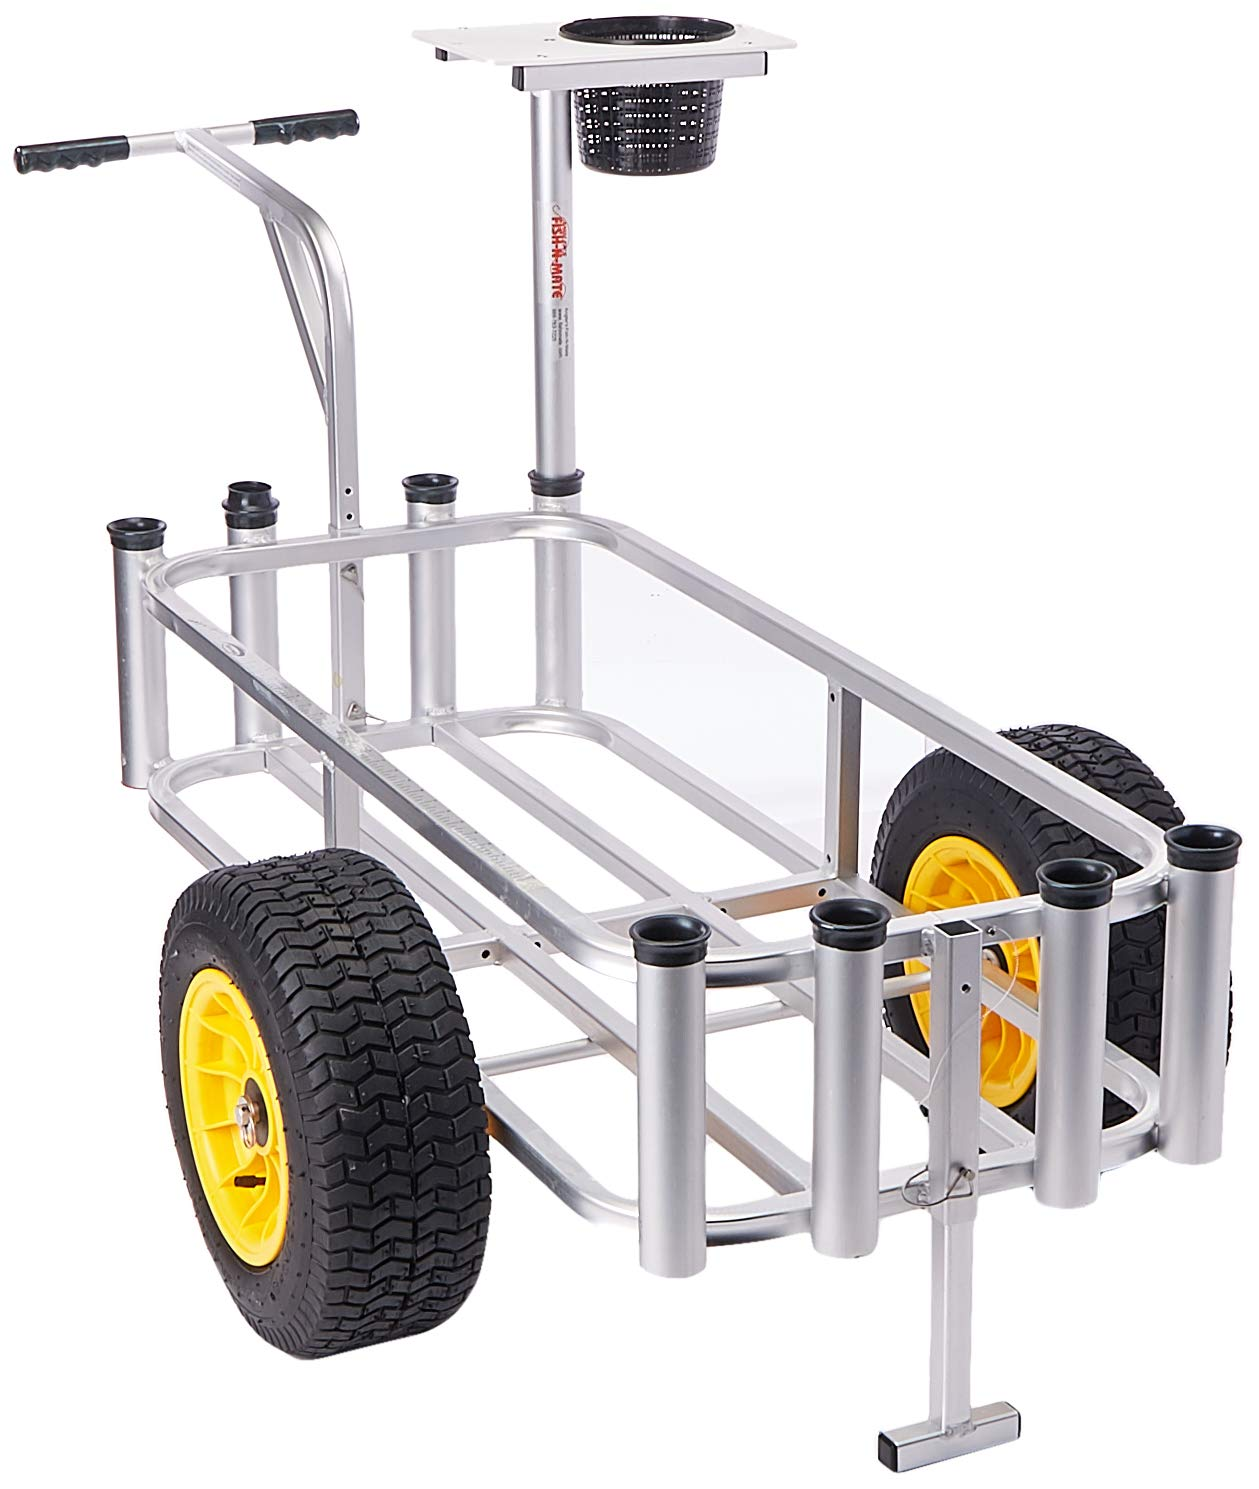 Fish N Mate (No Front Wheels) Sr Cart by Fish N Mate